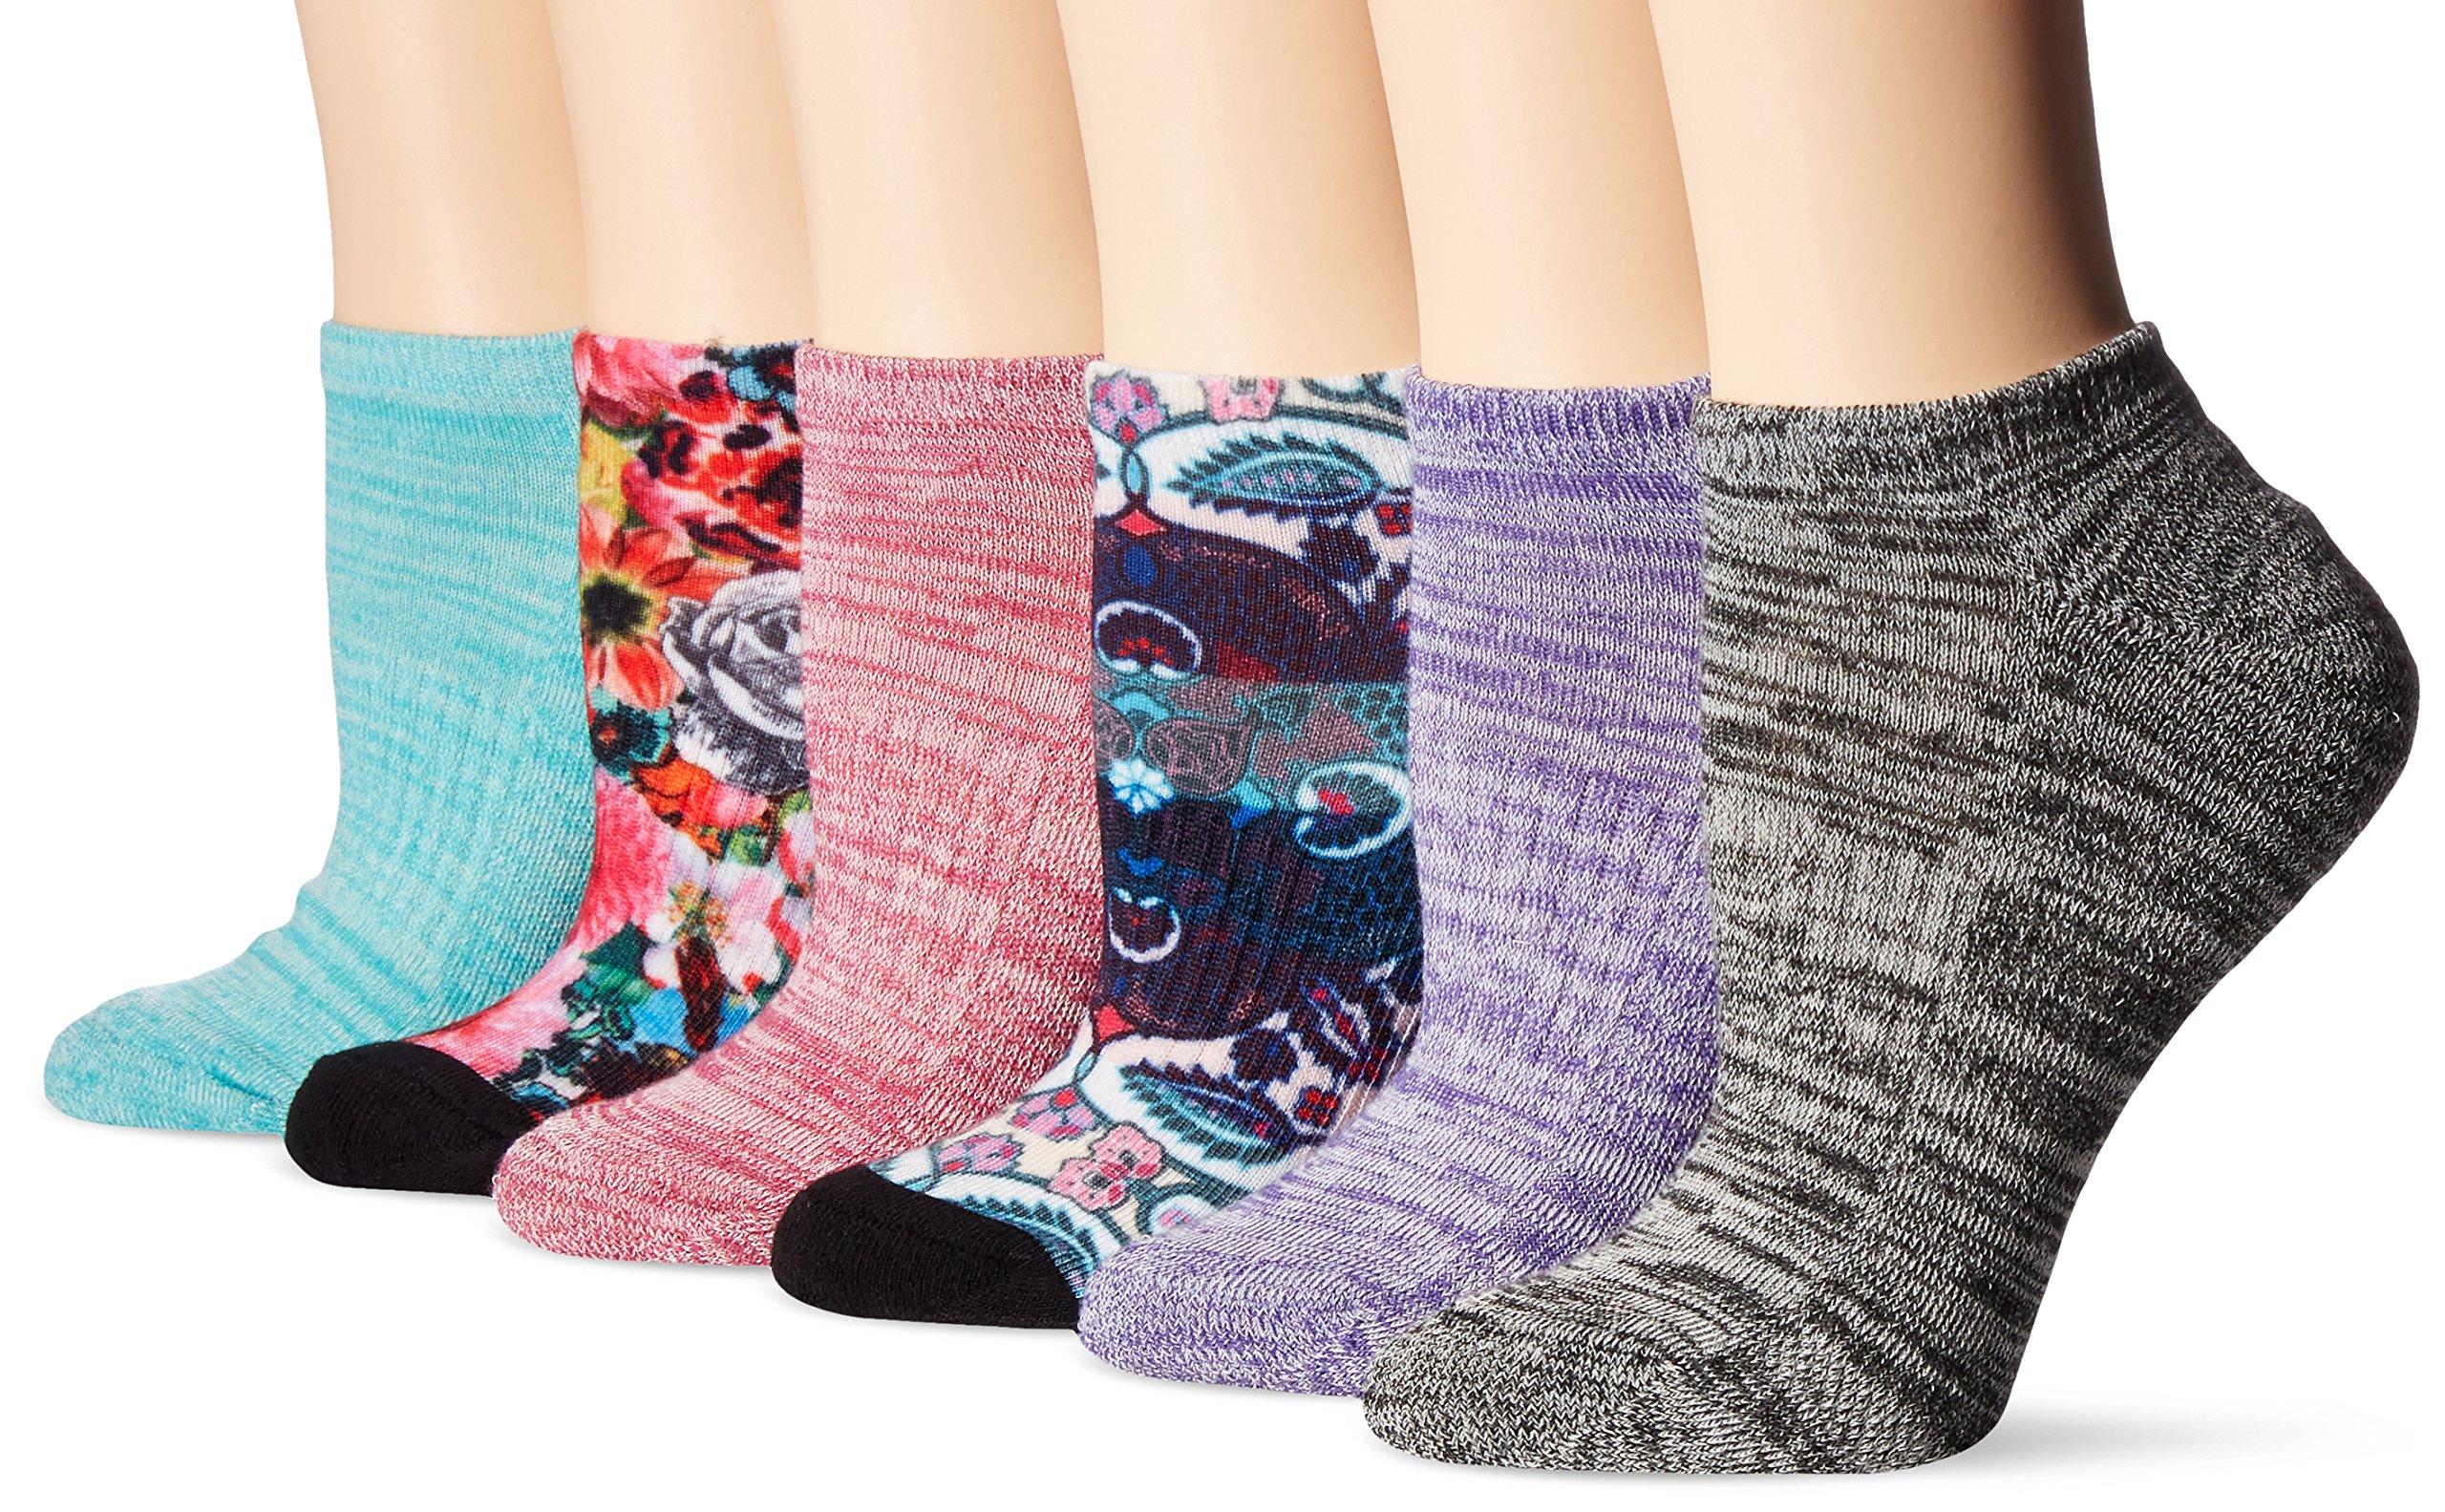 Union Bay Women's Performance Comfort Fit No Show, Purple Paisley, 9-11 Sock/Shoe Size 6-10.5